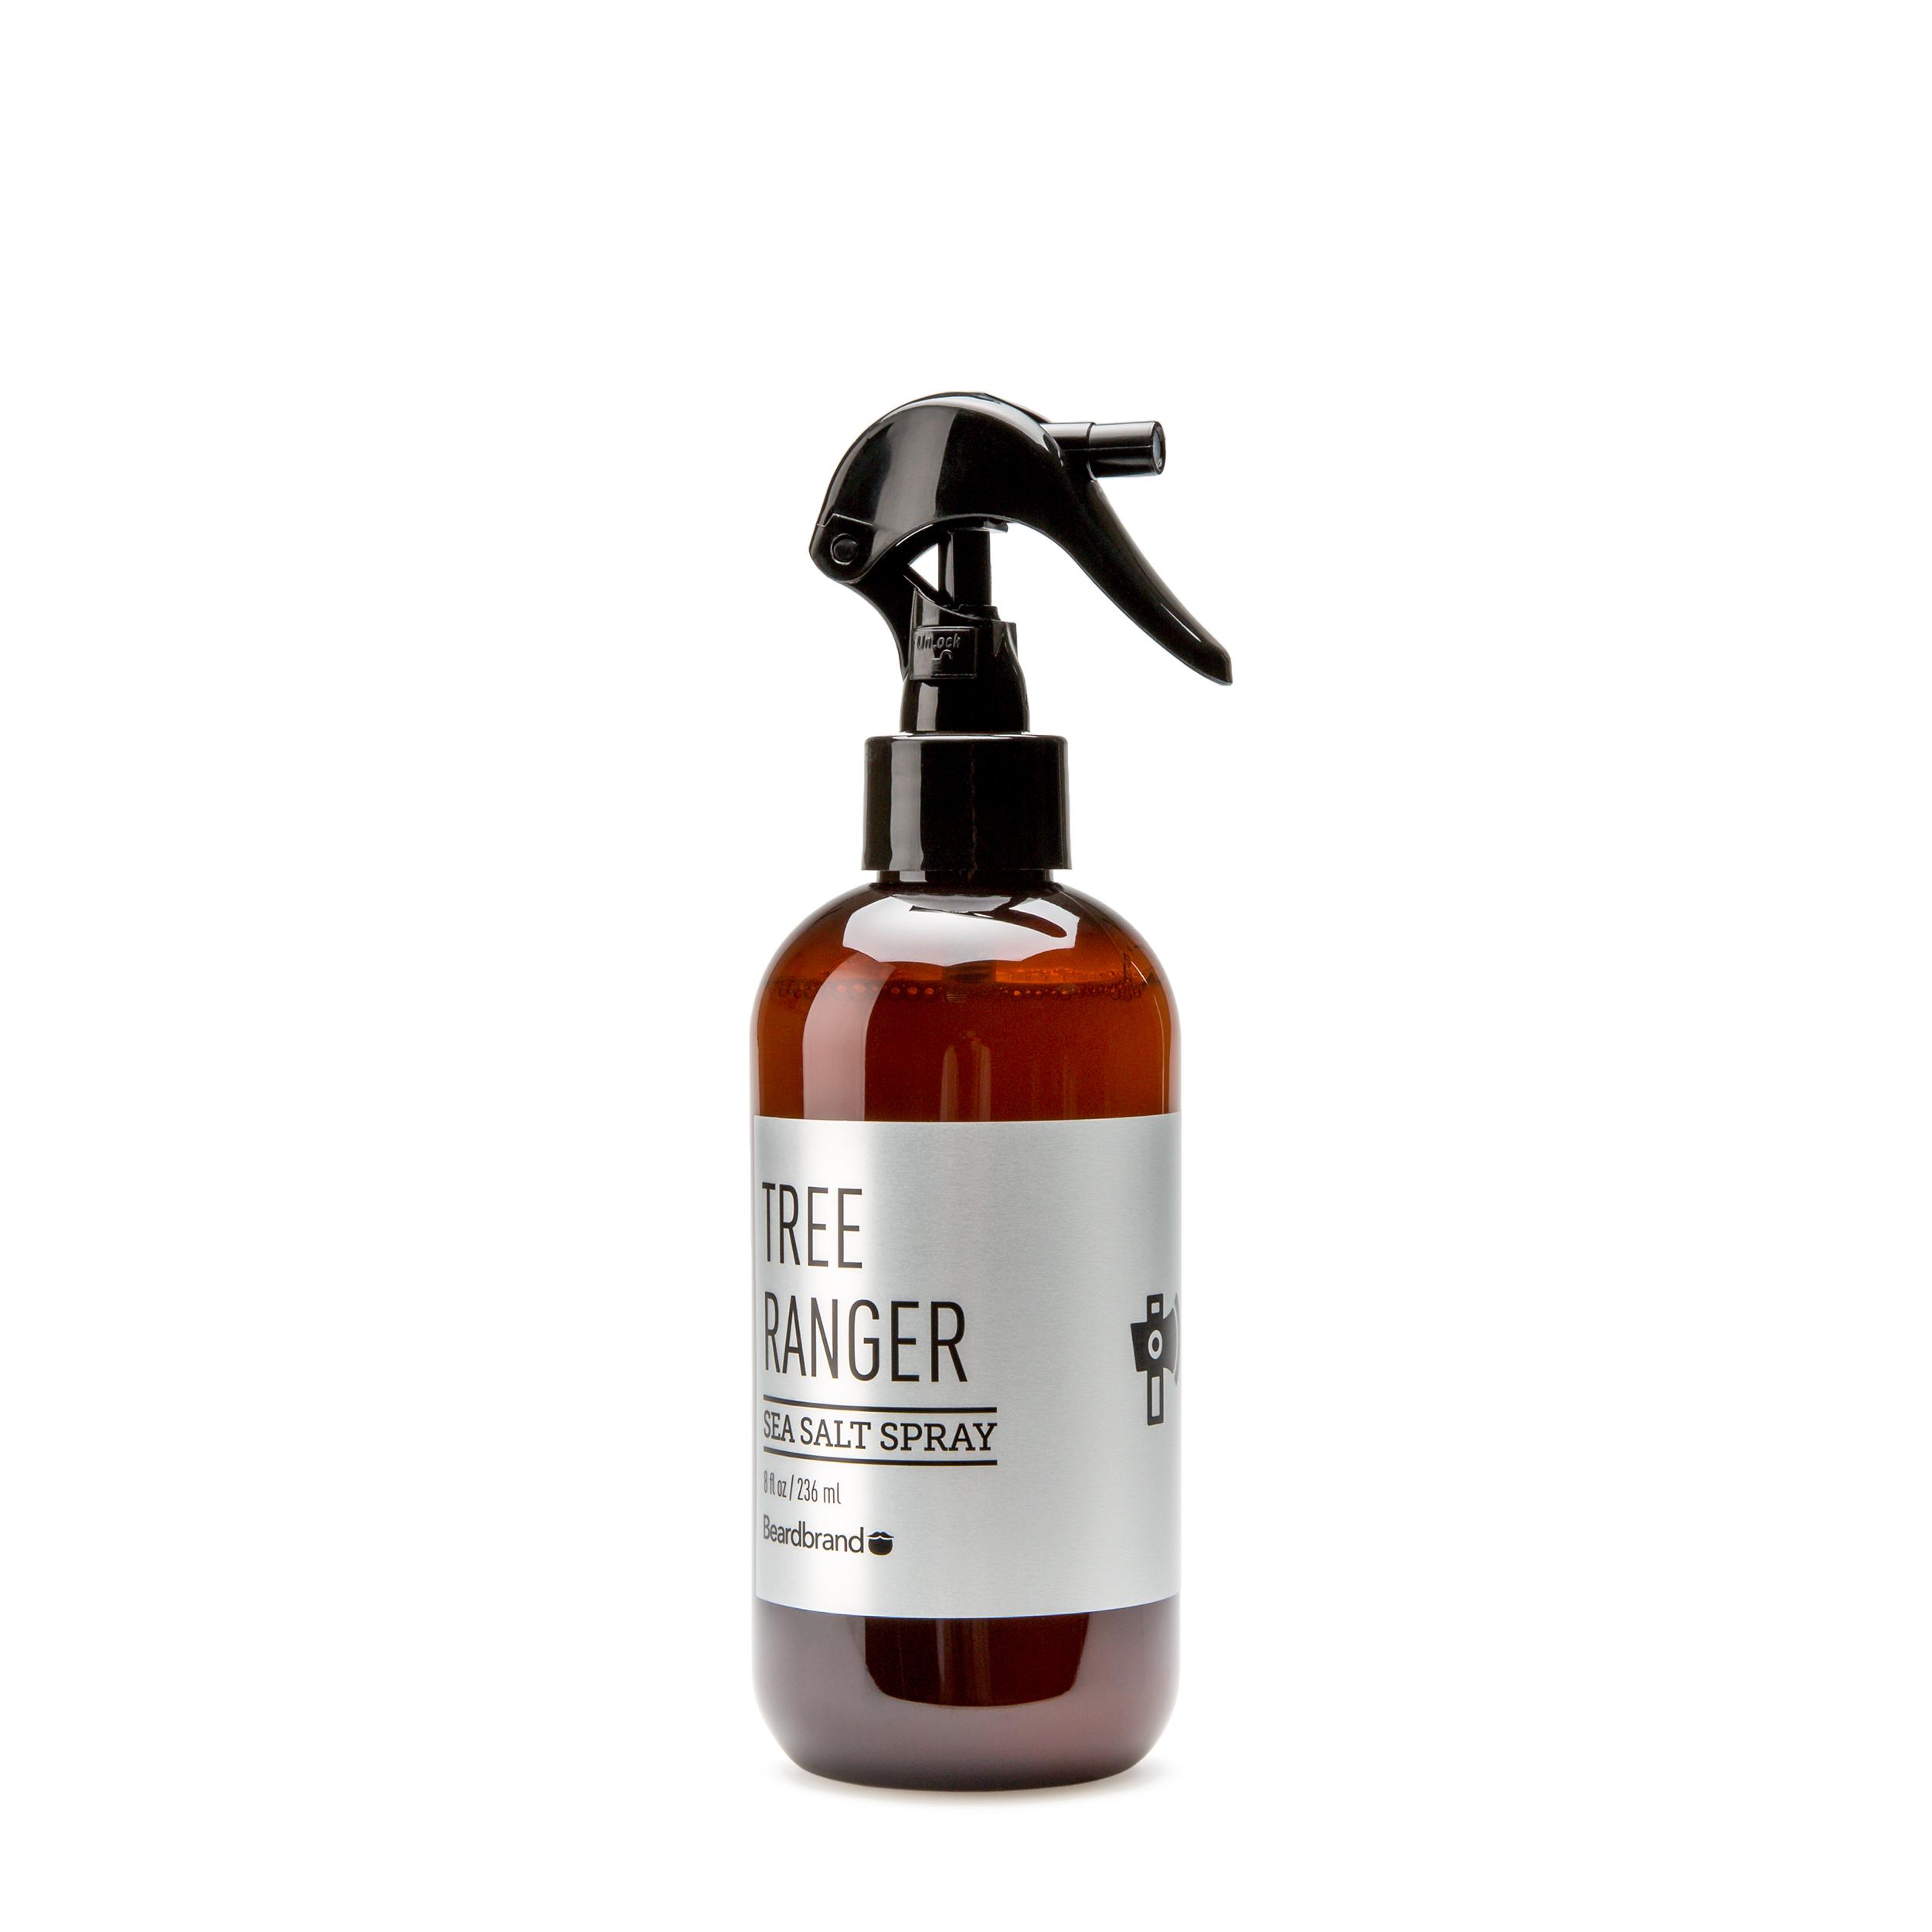 Beard Brand Спрей для волос Tree Ranger Sea Salt Spray 250 мл фото